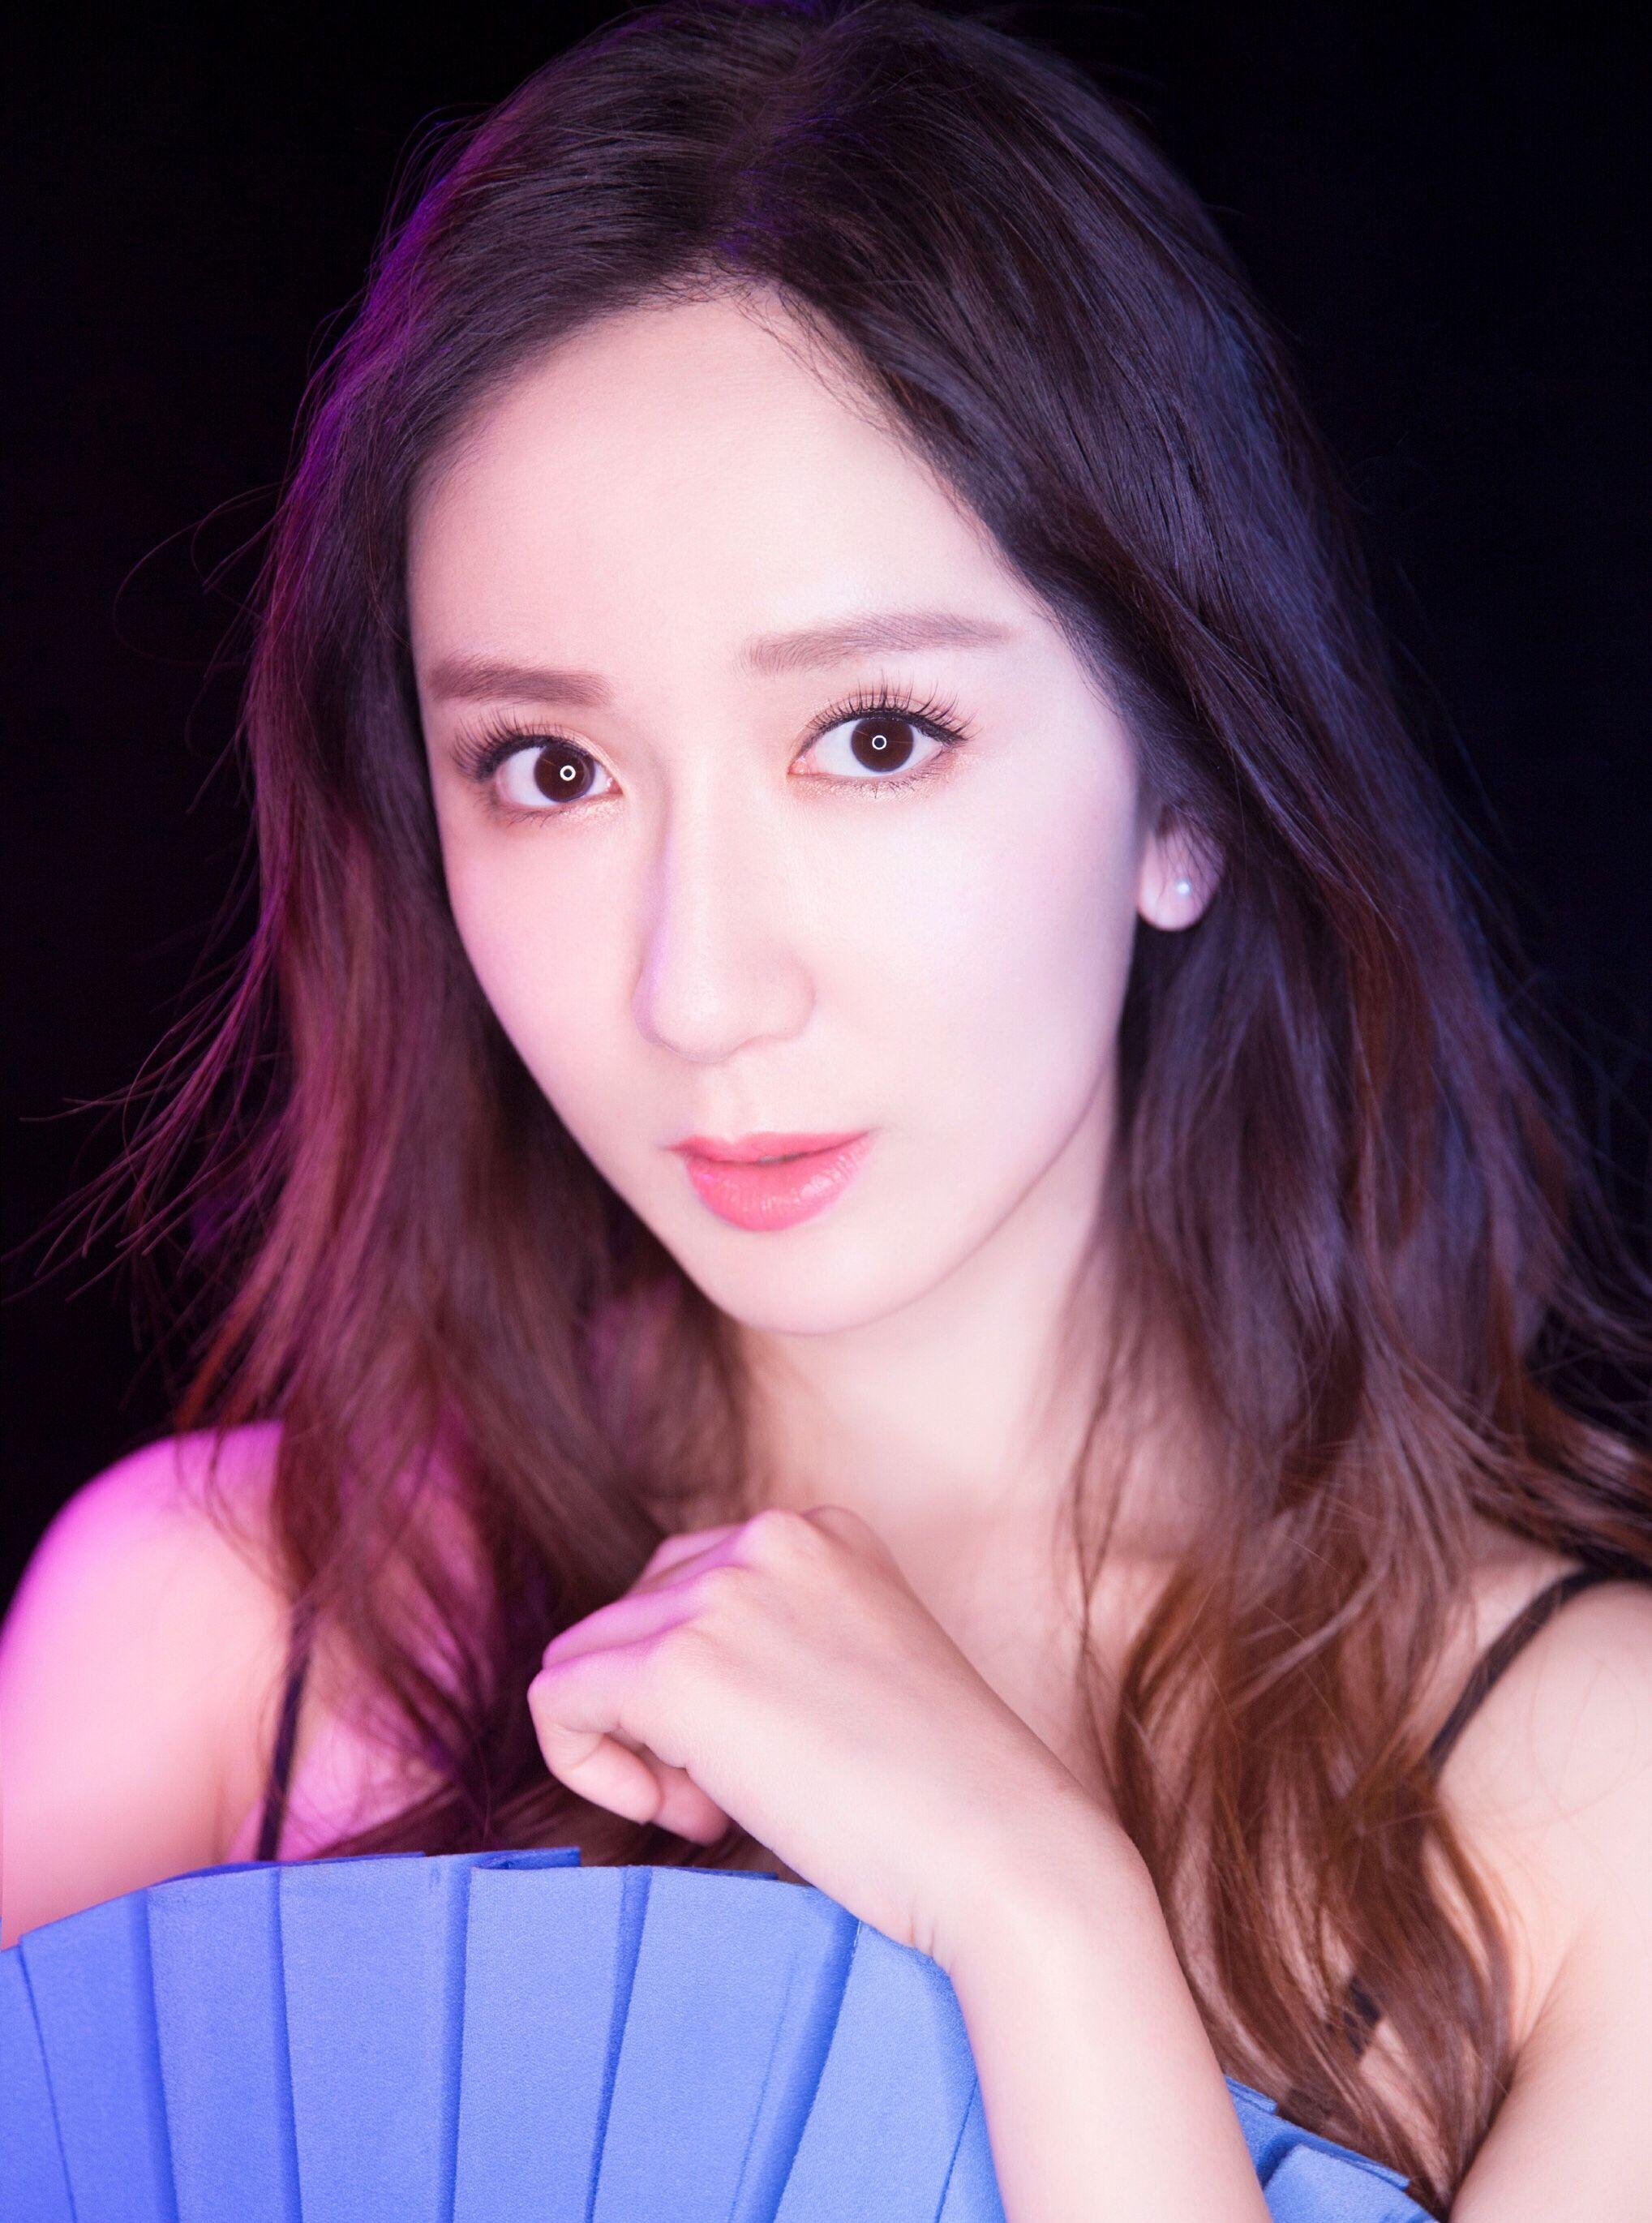 娄艺潇 一袭蓝色百褶裙参加新浪微公益颁奖典礼,时尚优雅迷人!